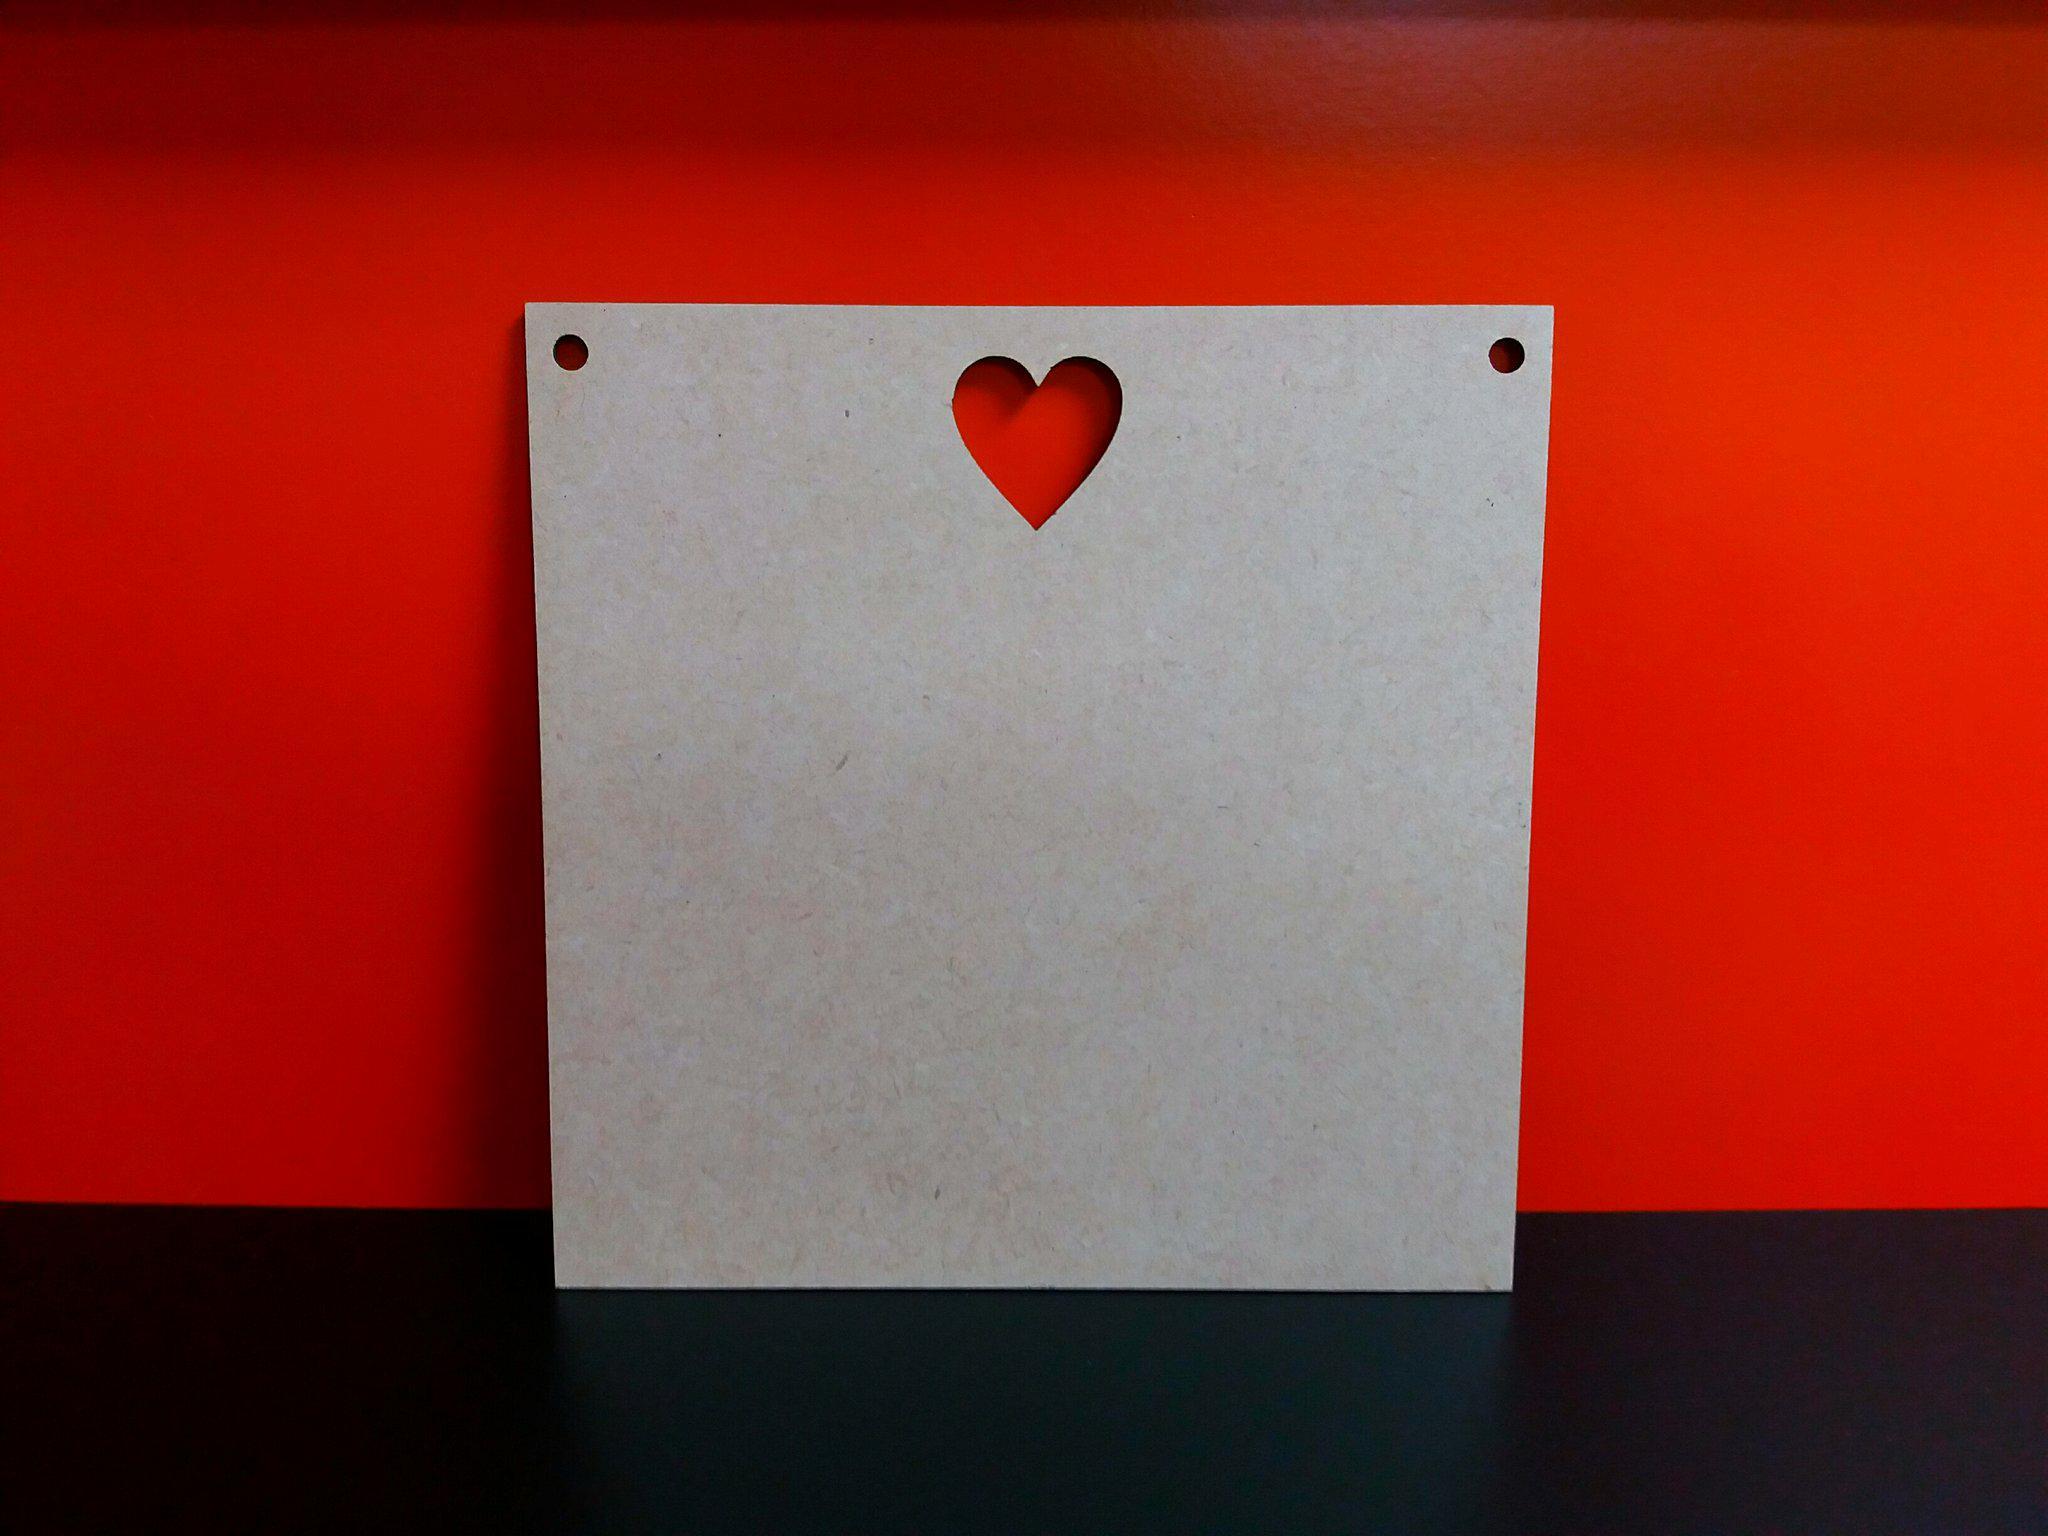 Heart Cut Out Plaque 15cm X 15cm 2 Holes Woodform Crafts